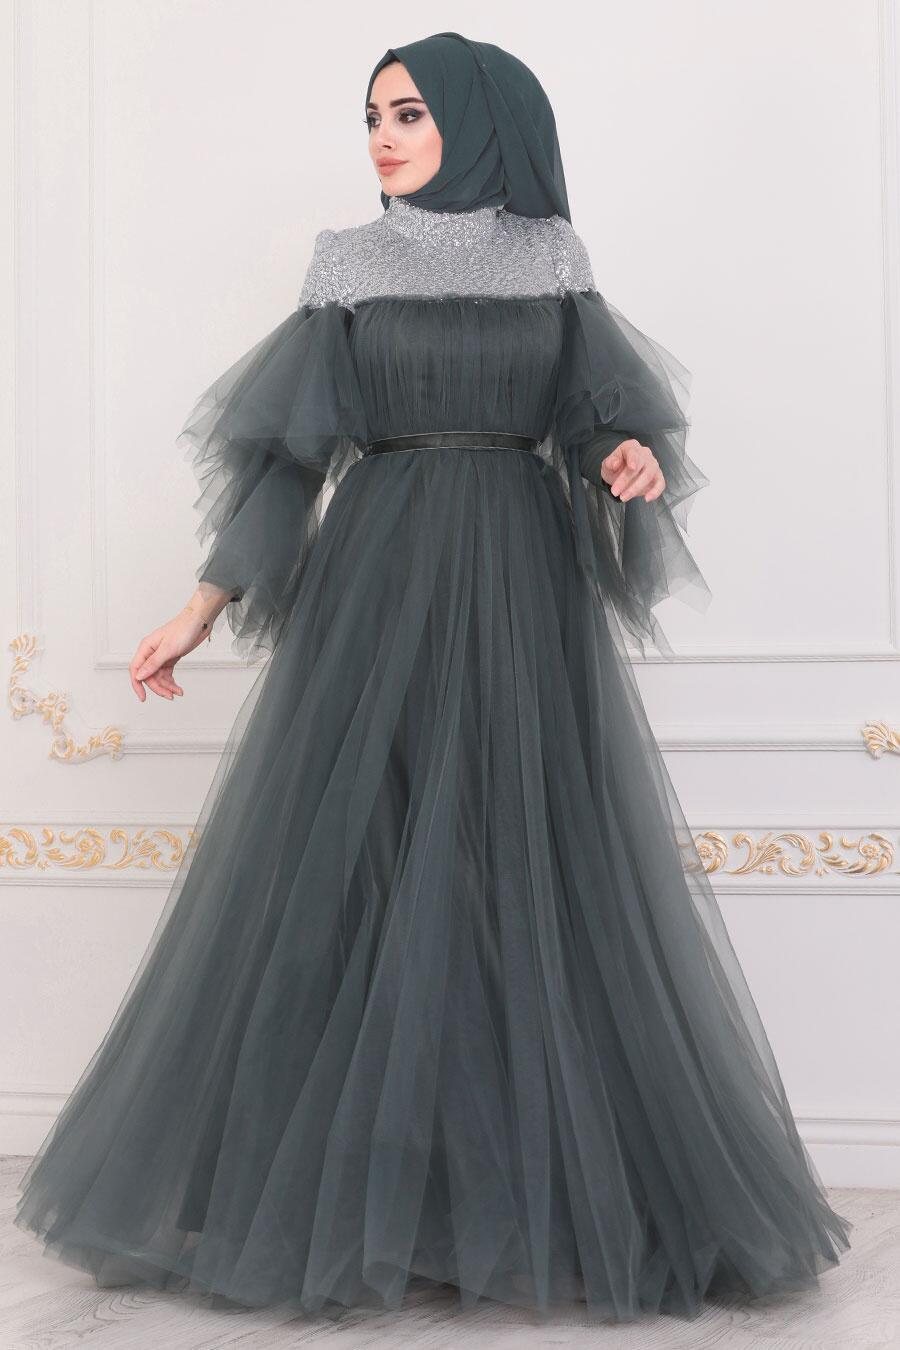 Tesettürlü Abiye Elbise - Omuzları Detaylı Petrol Yeşili Tesettür Abiye Elbise 40772PY